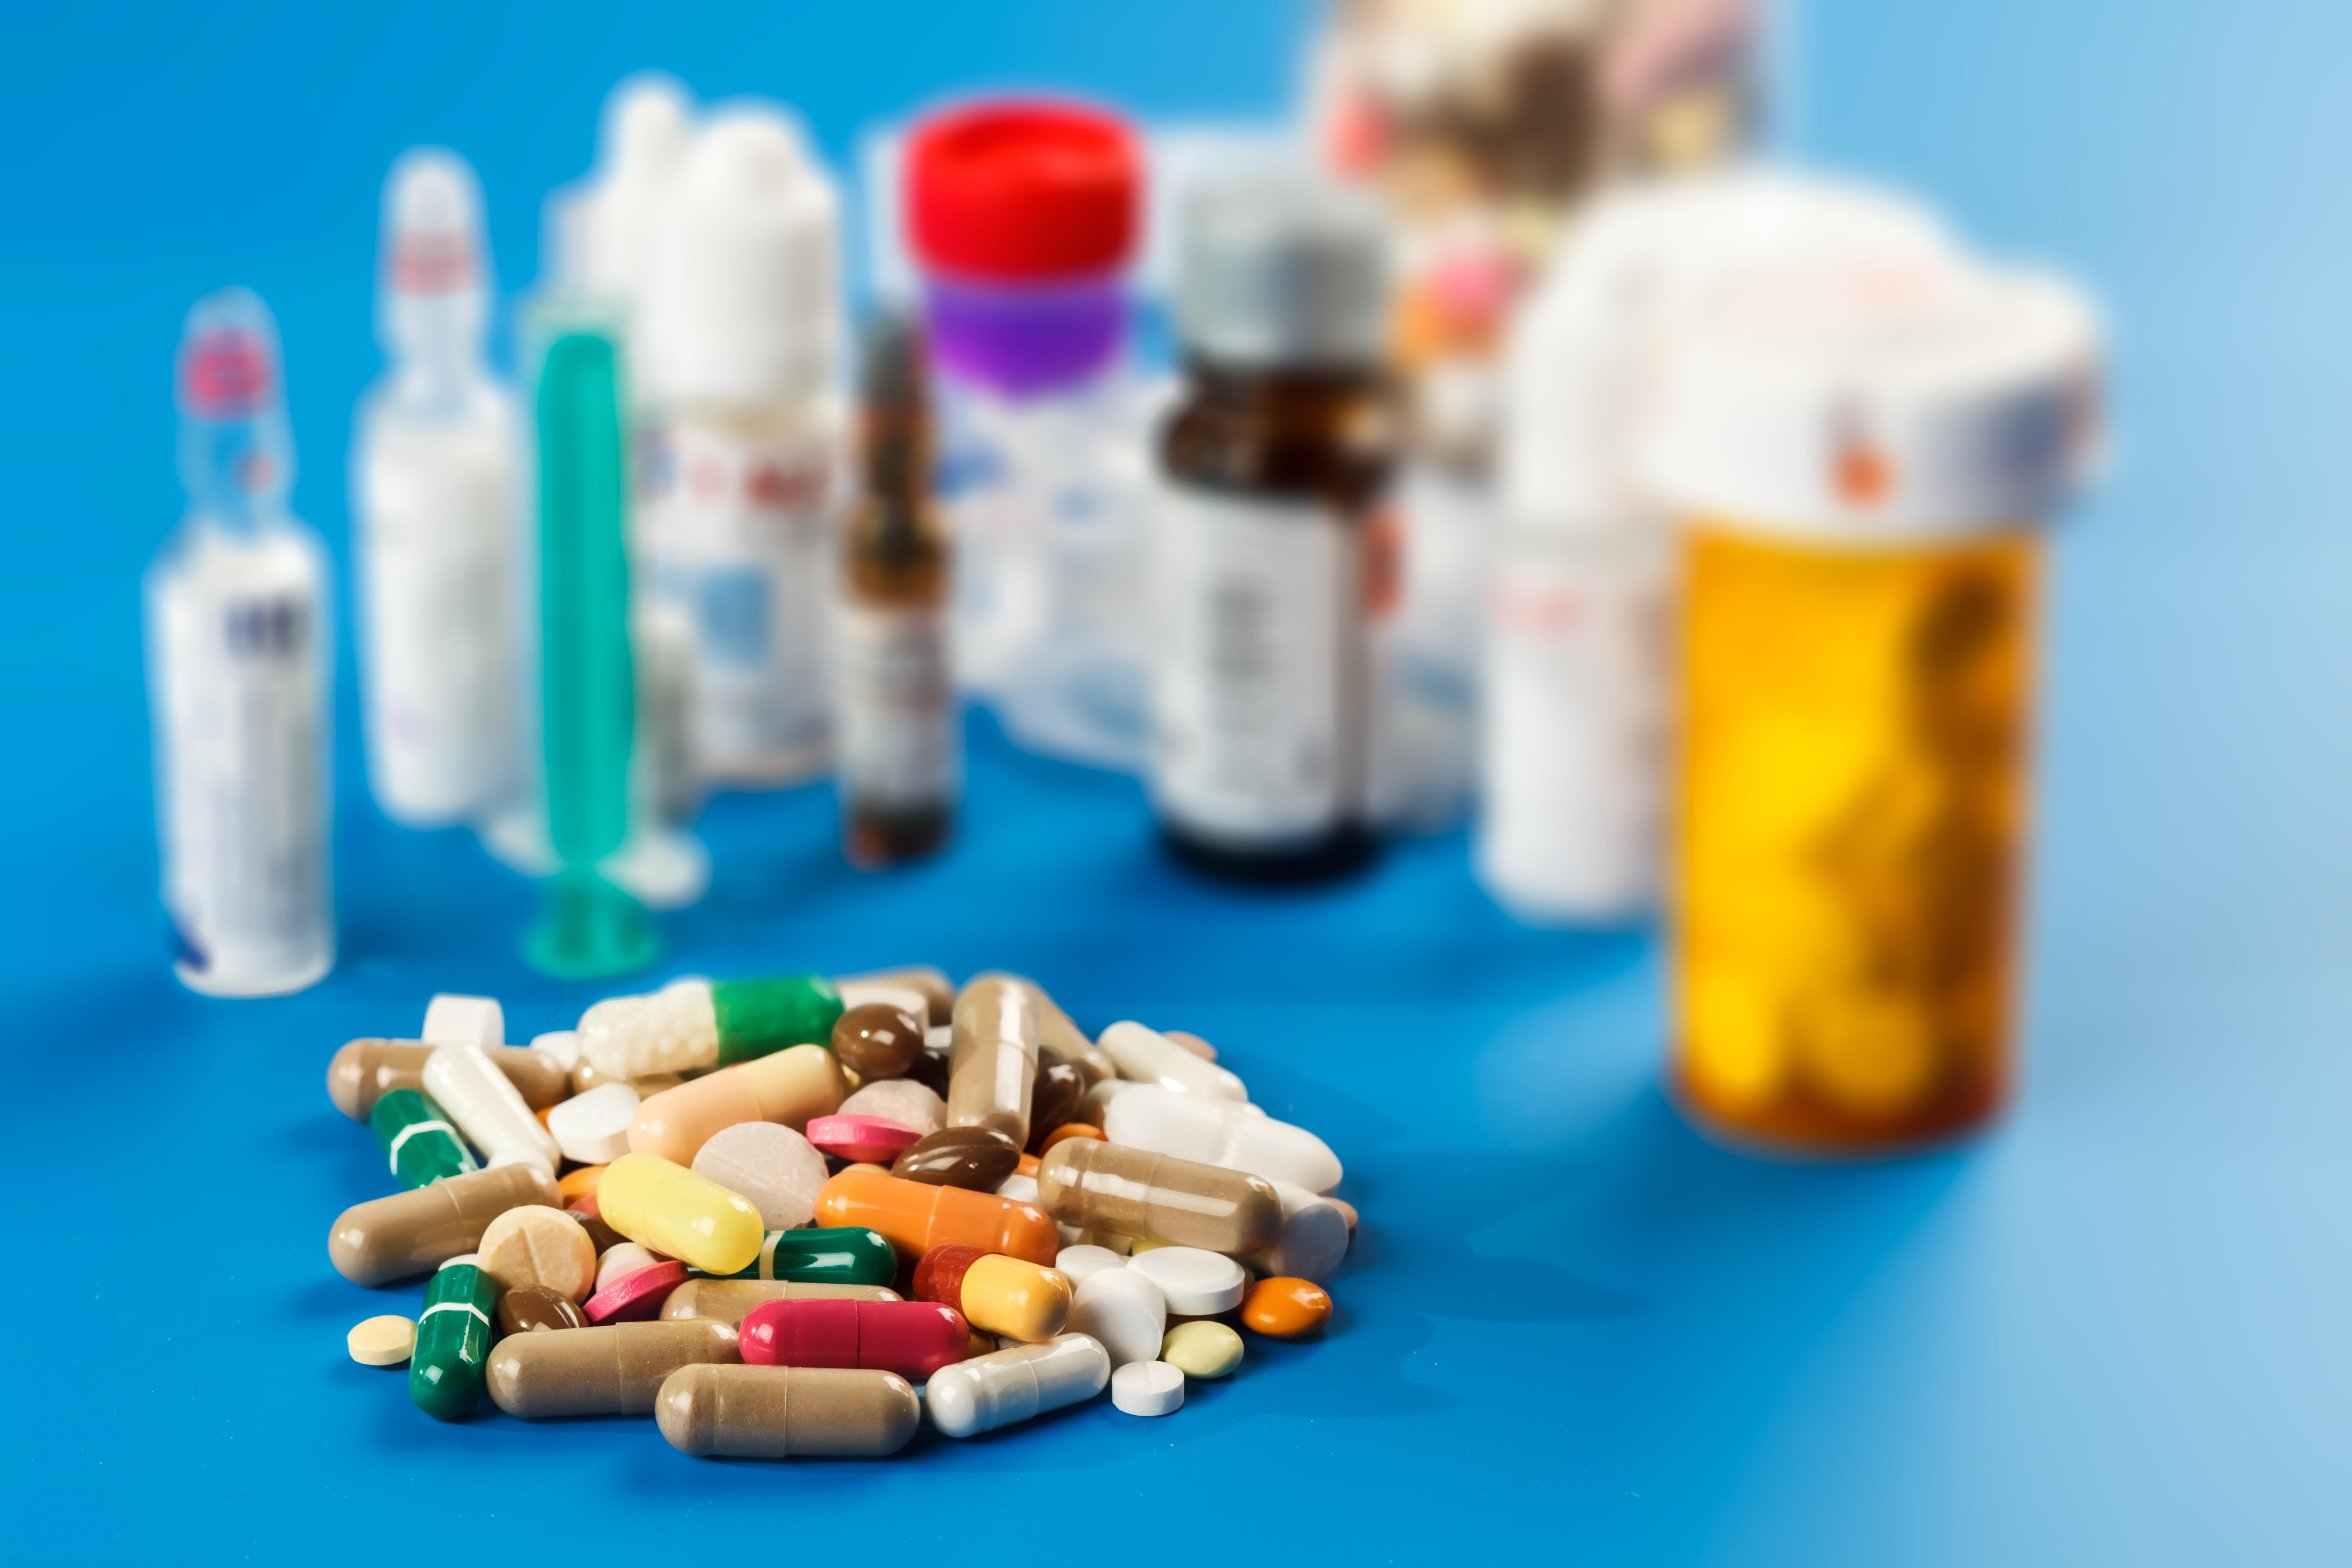 Romania va suspenda exportul de medicamente citostatice. Anuntul facut de ministrul Pintea